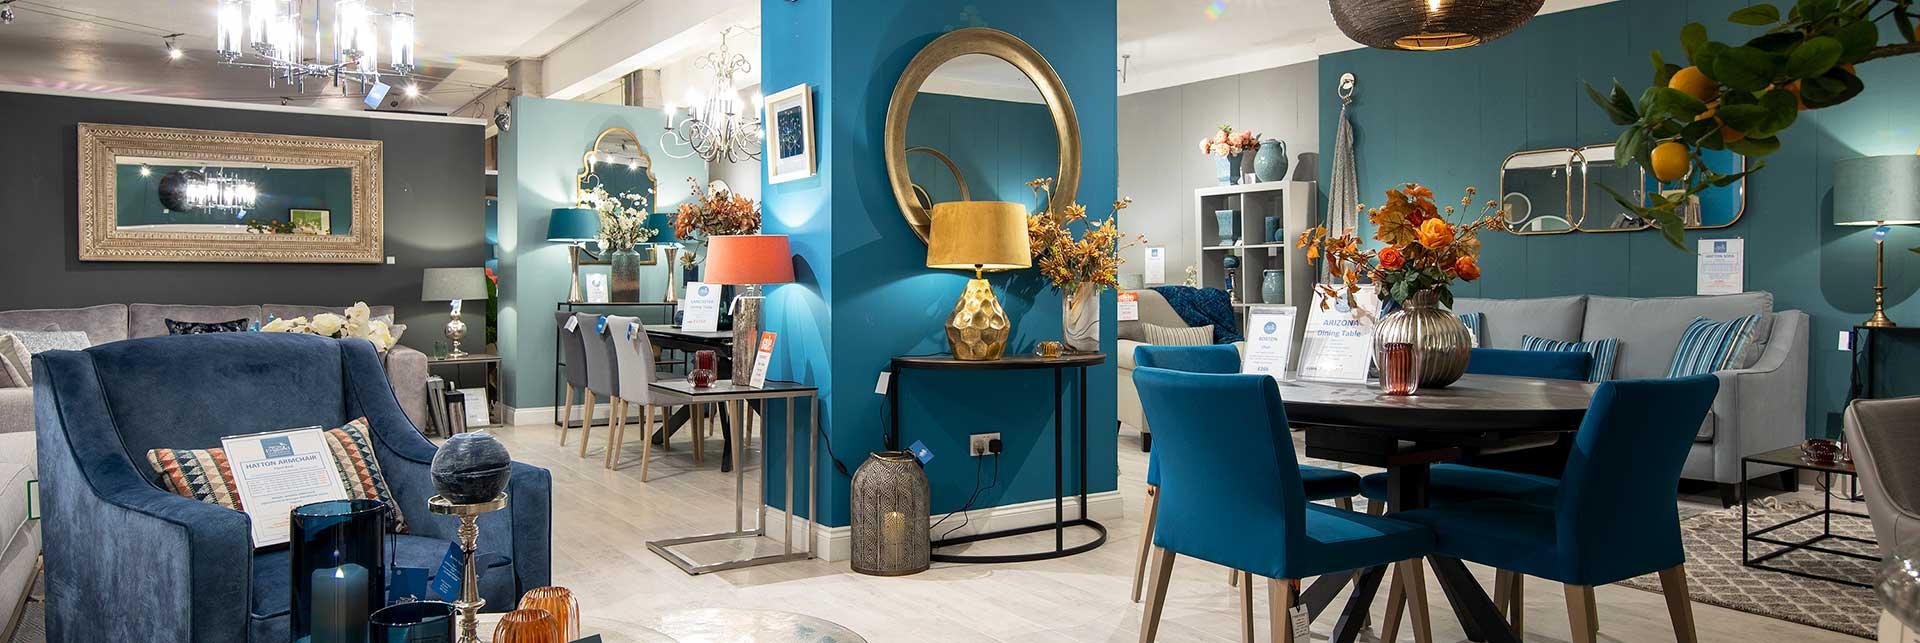 New England Home Interiors showroom interior